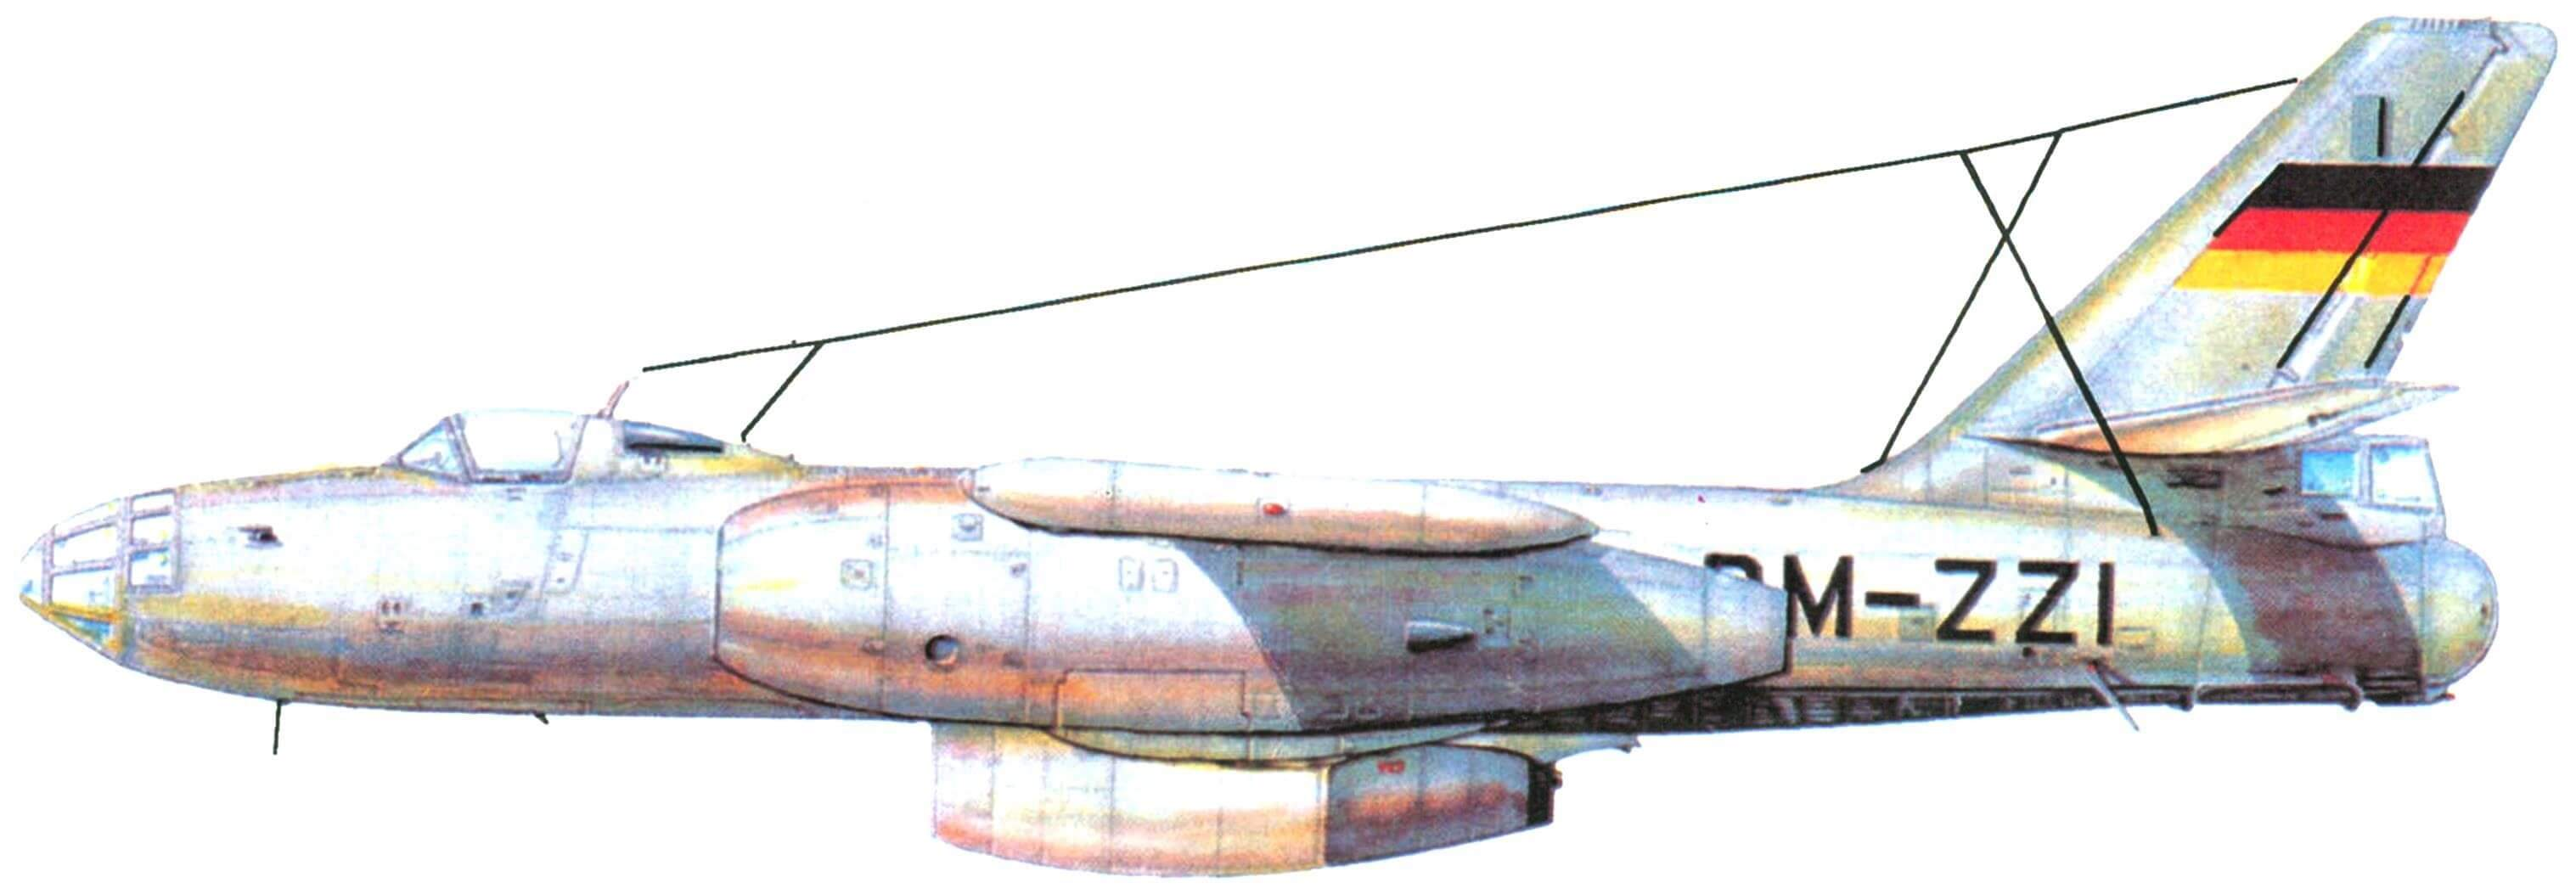 Опытный носитель Ил-28Р с экспериментальным двигателем Pirna 014A-0 V-09 (ГДР, 1959 г.)